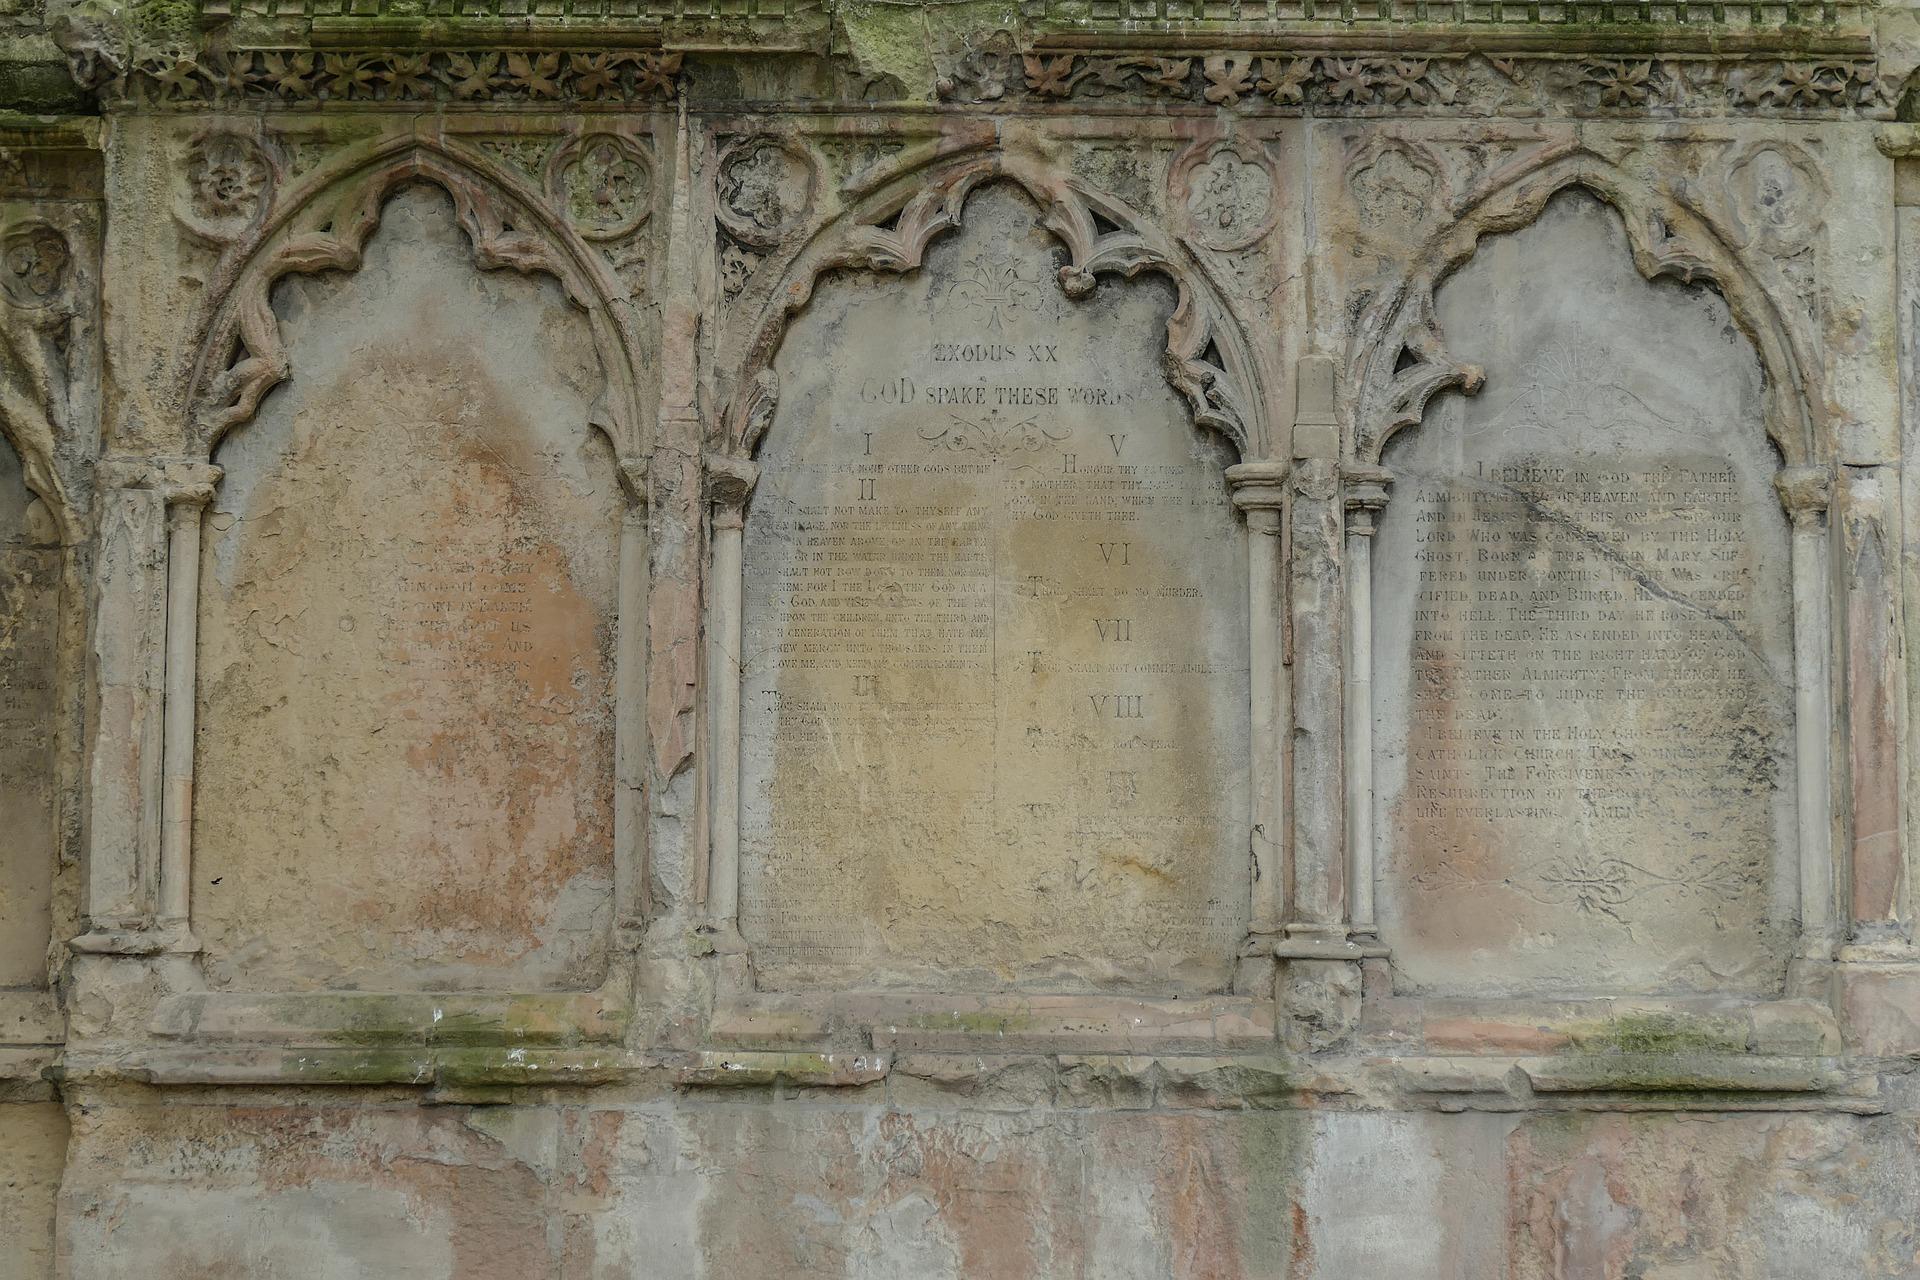 holyrood-church-2251253_1920.jpg